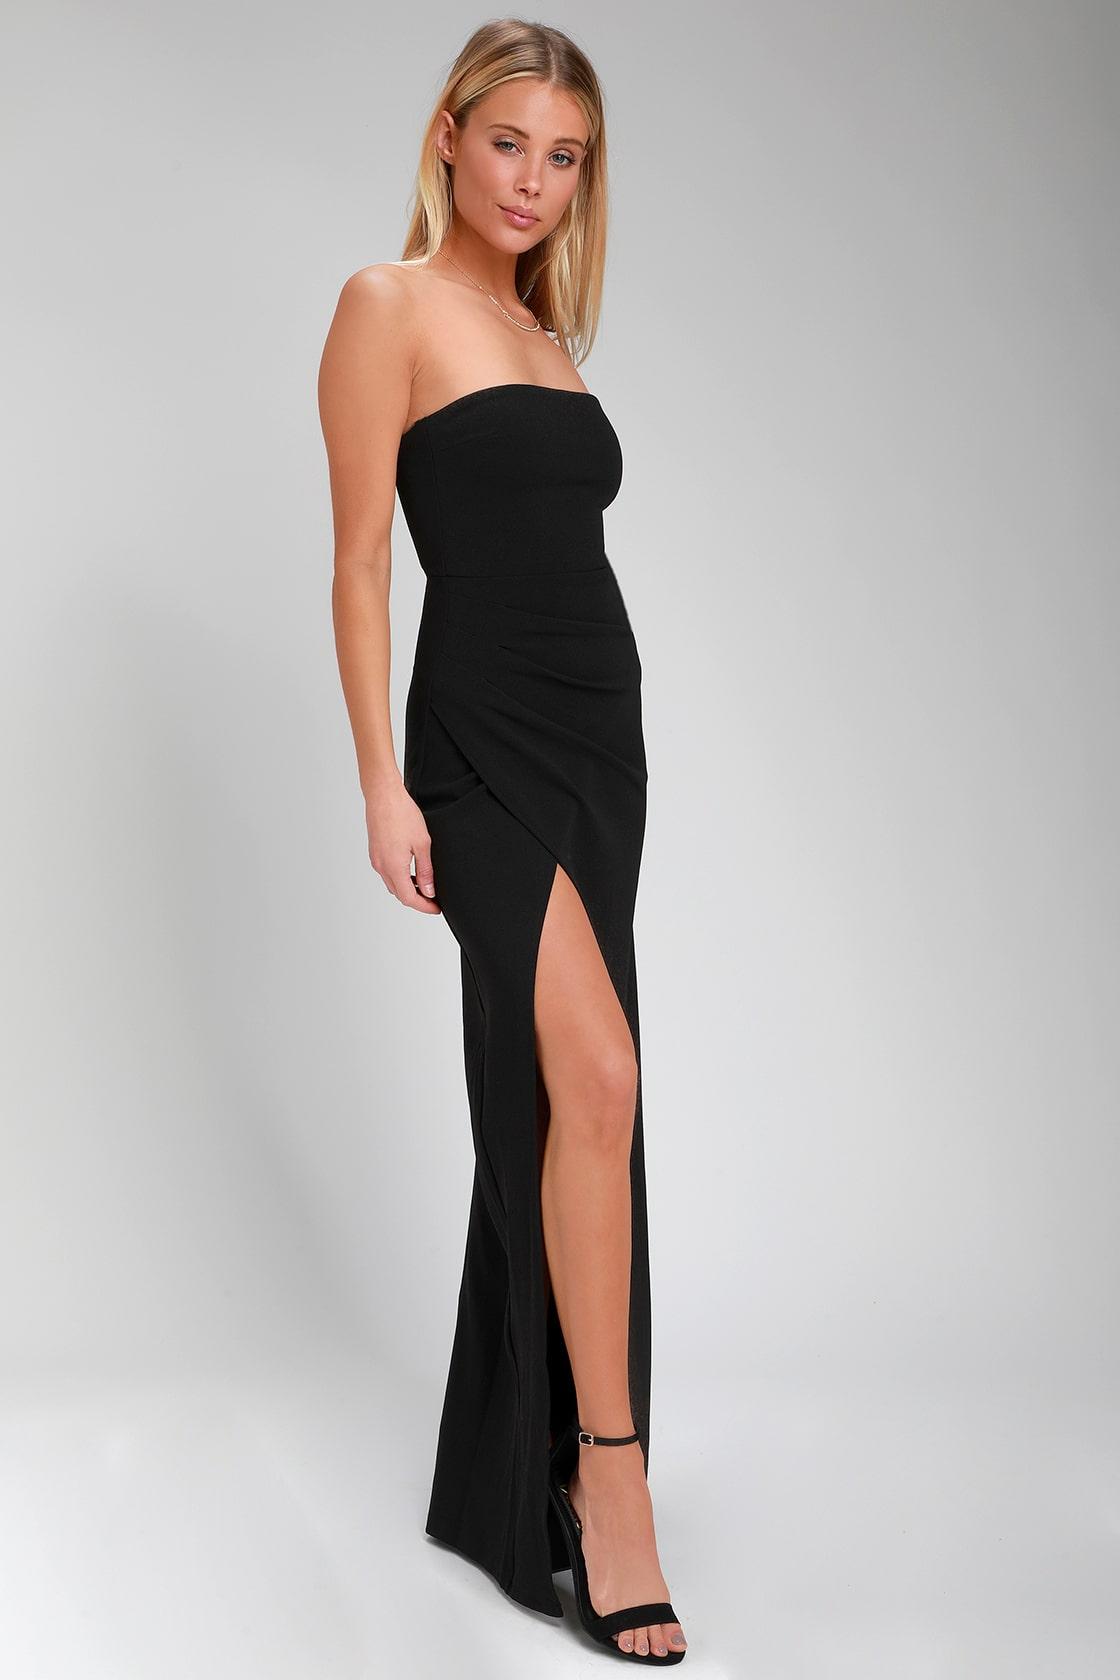 foxy black dress.jpg